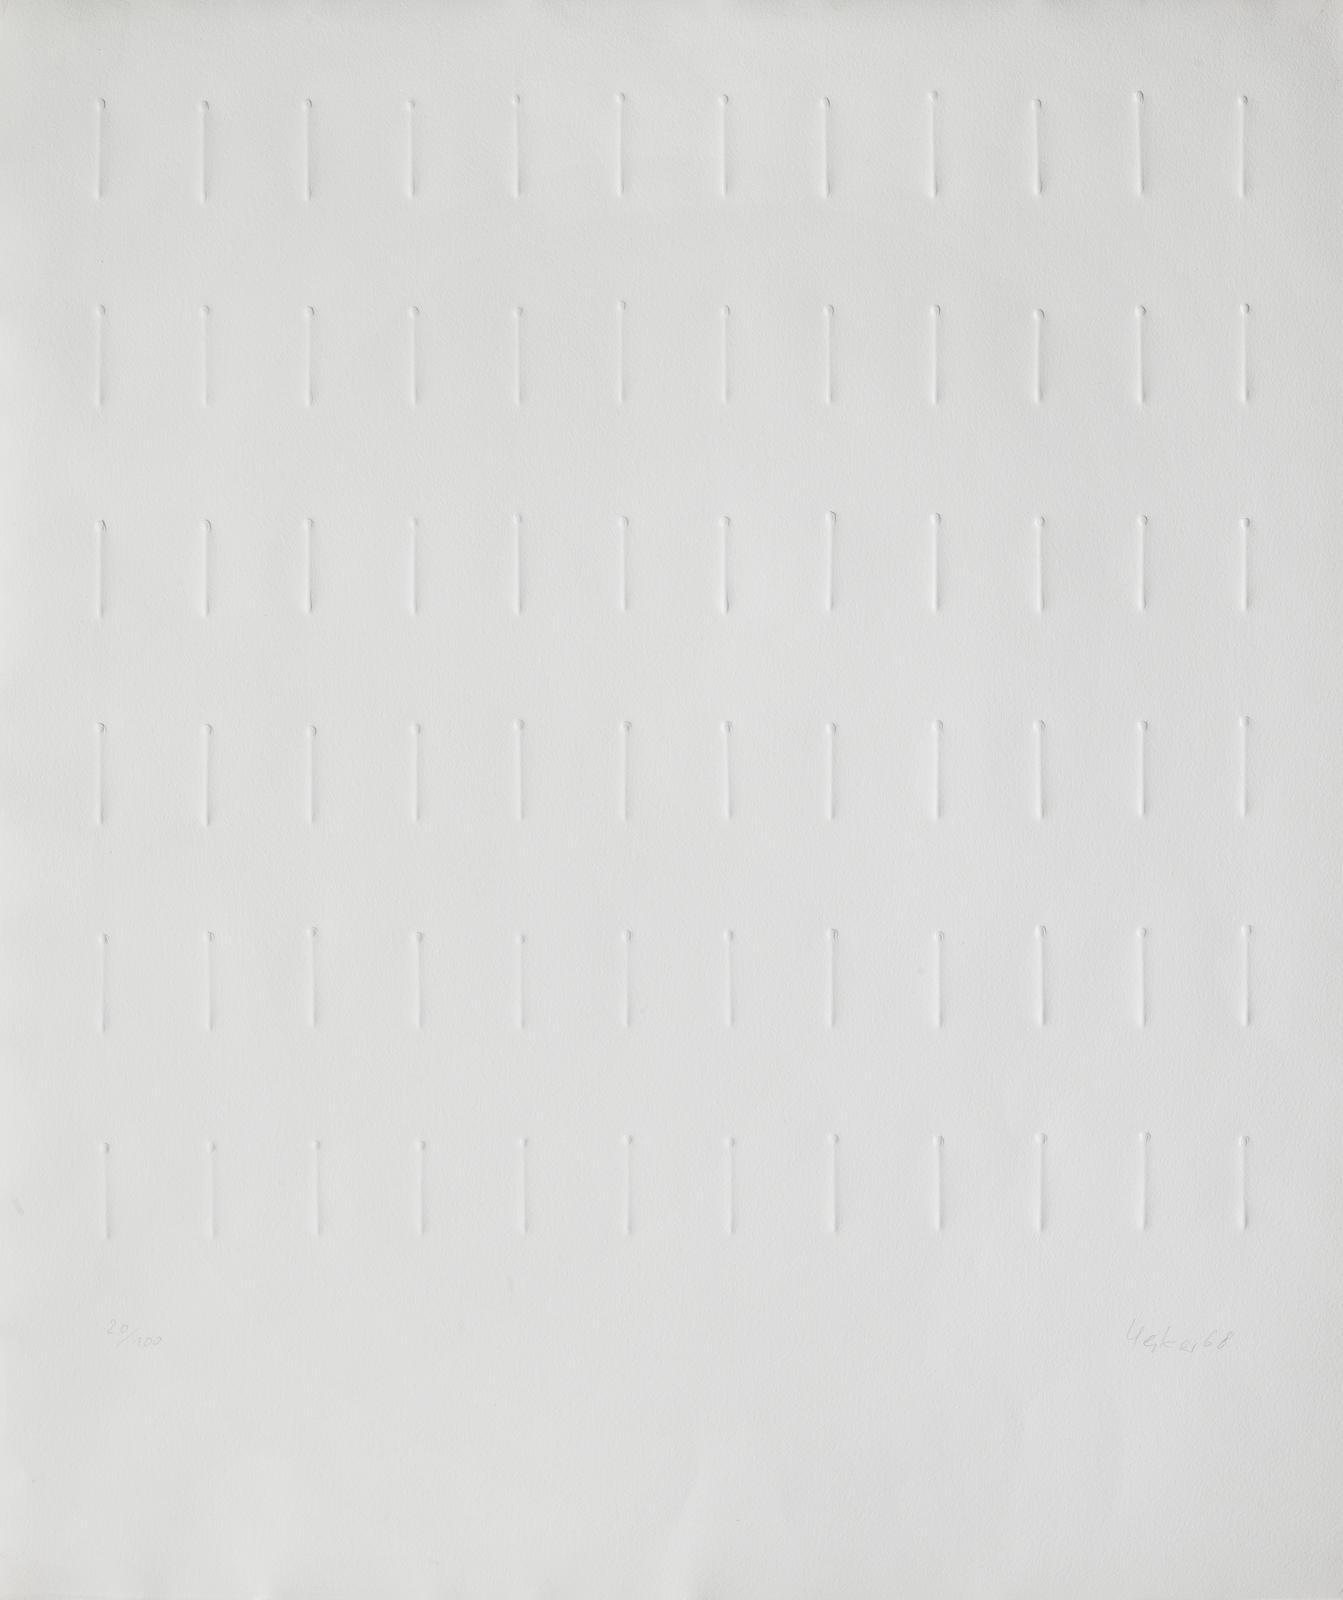 Gunther Uecker-Untitled-1968